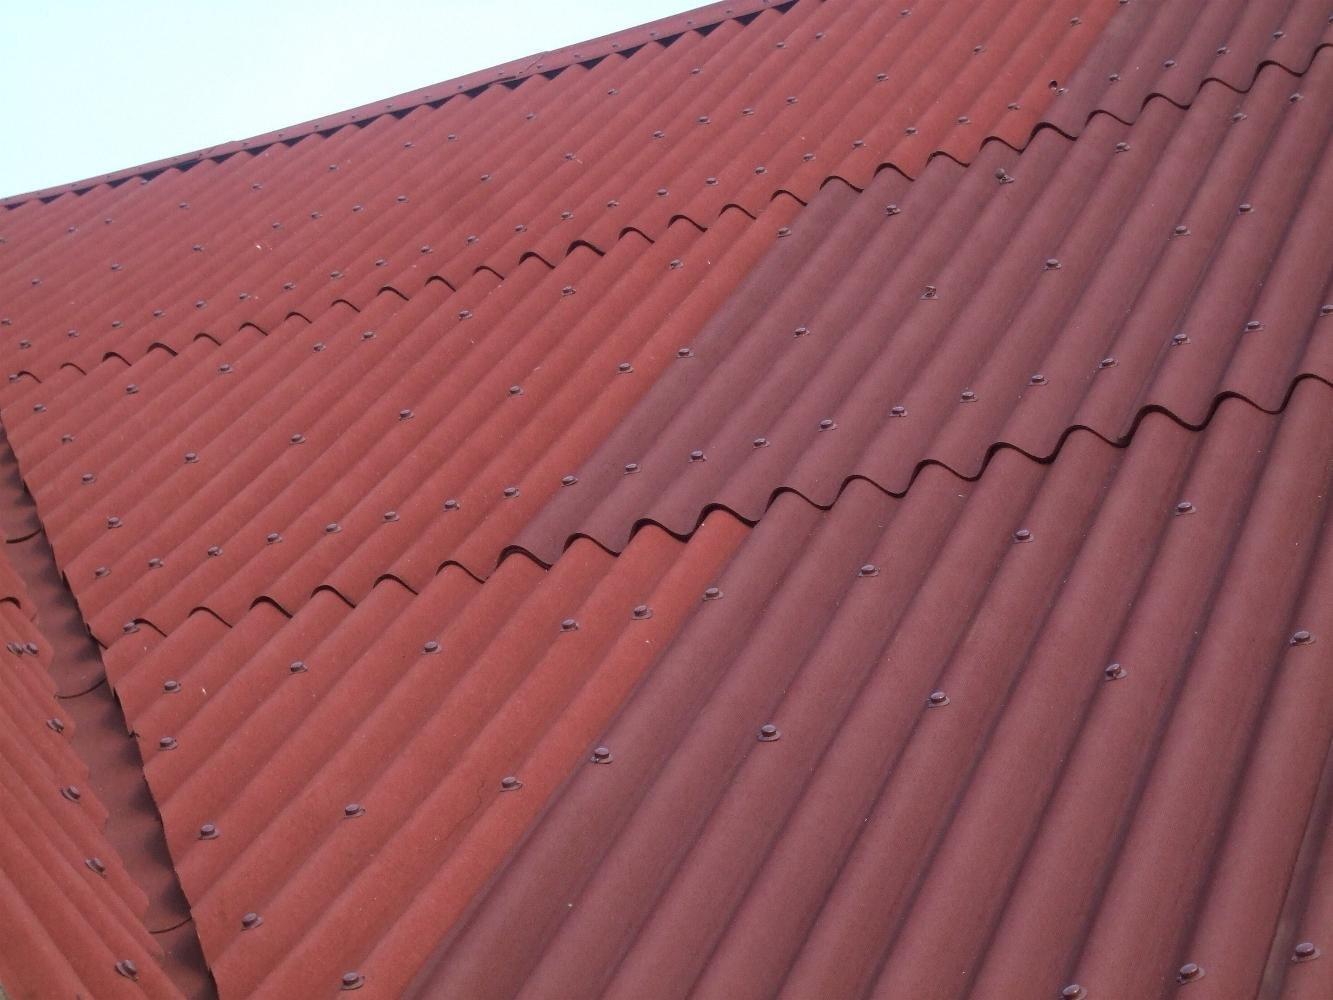 Ондулин плюсы, минусы и характеристики кровельного покрытия. профнастил или ондулин – что лучше выбрать? крыша из ондулина плюсы и минусы